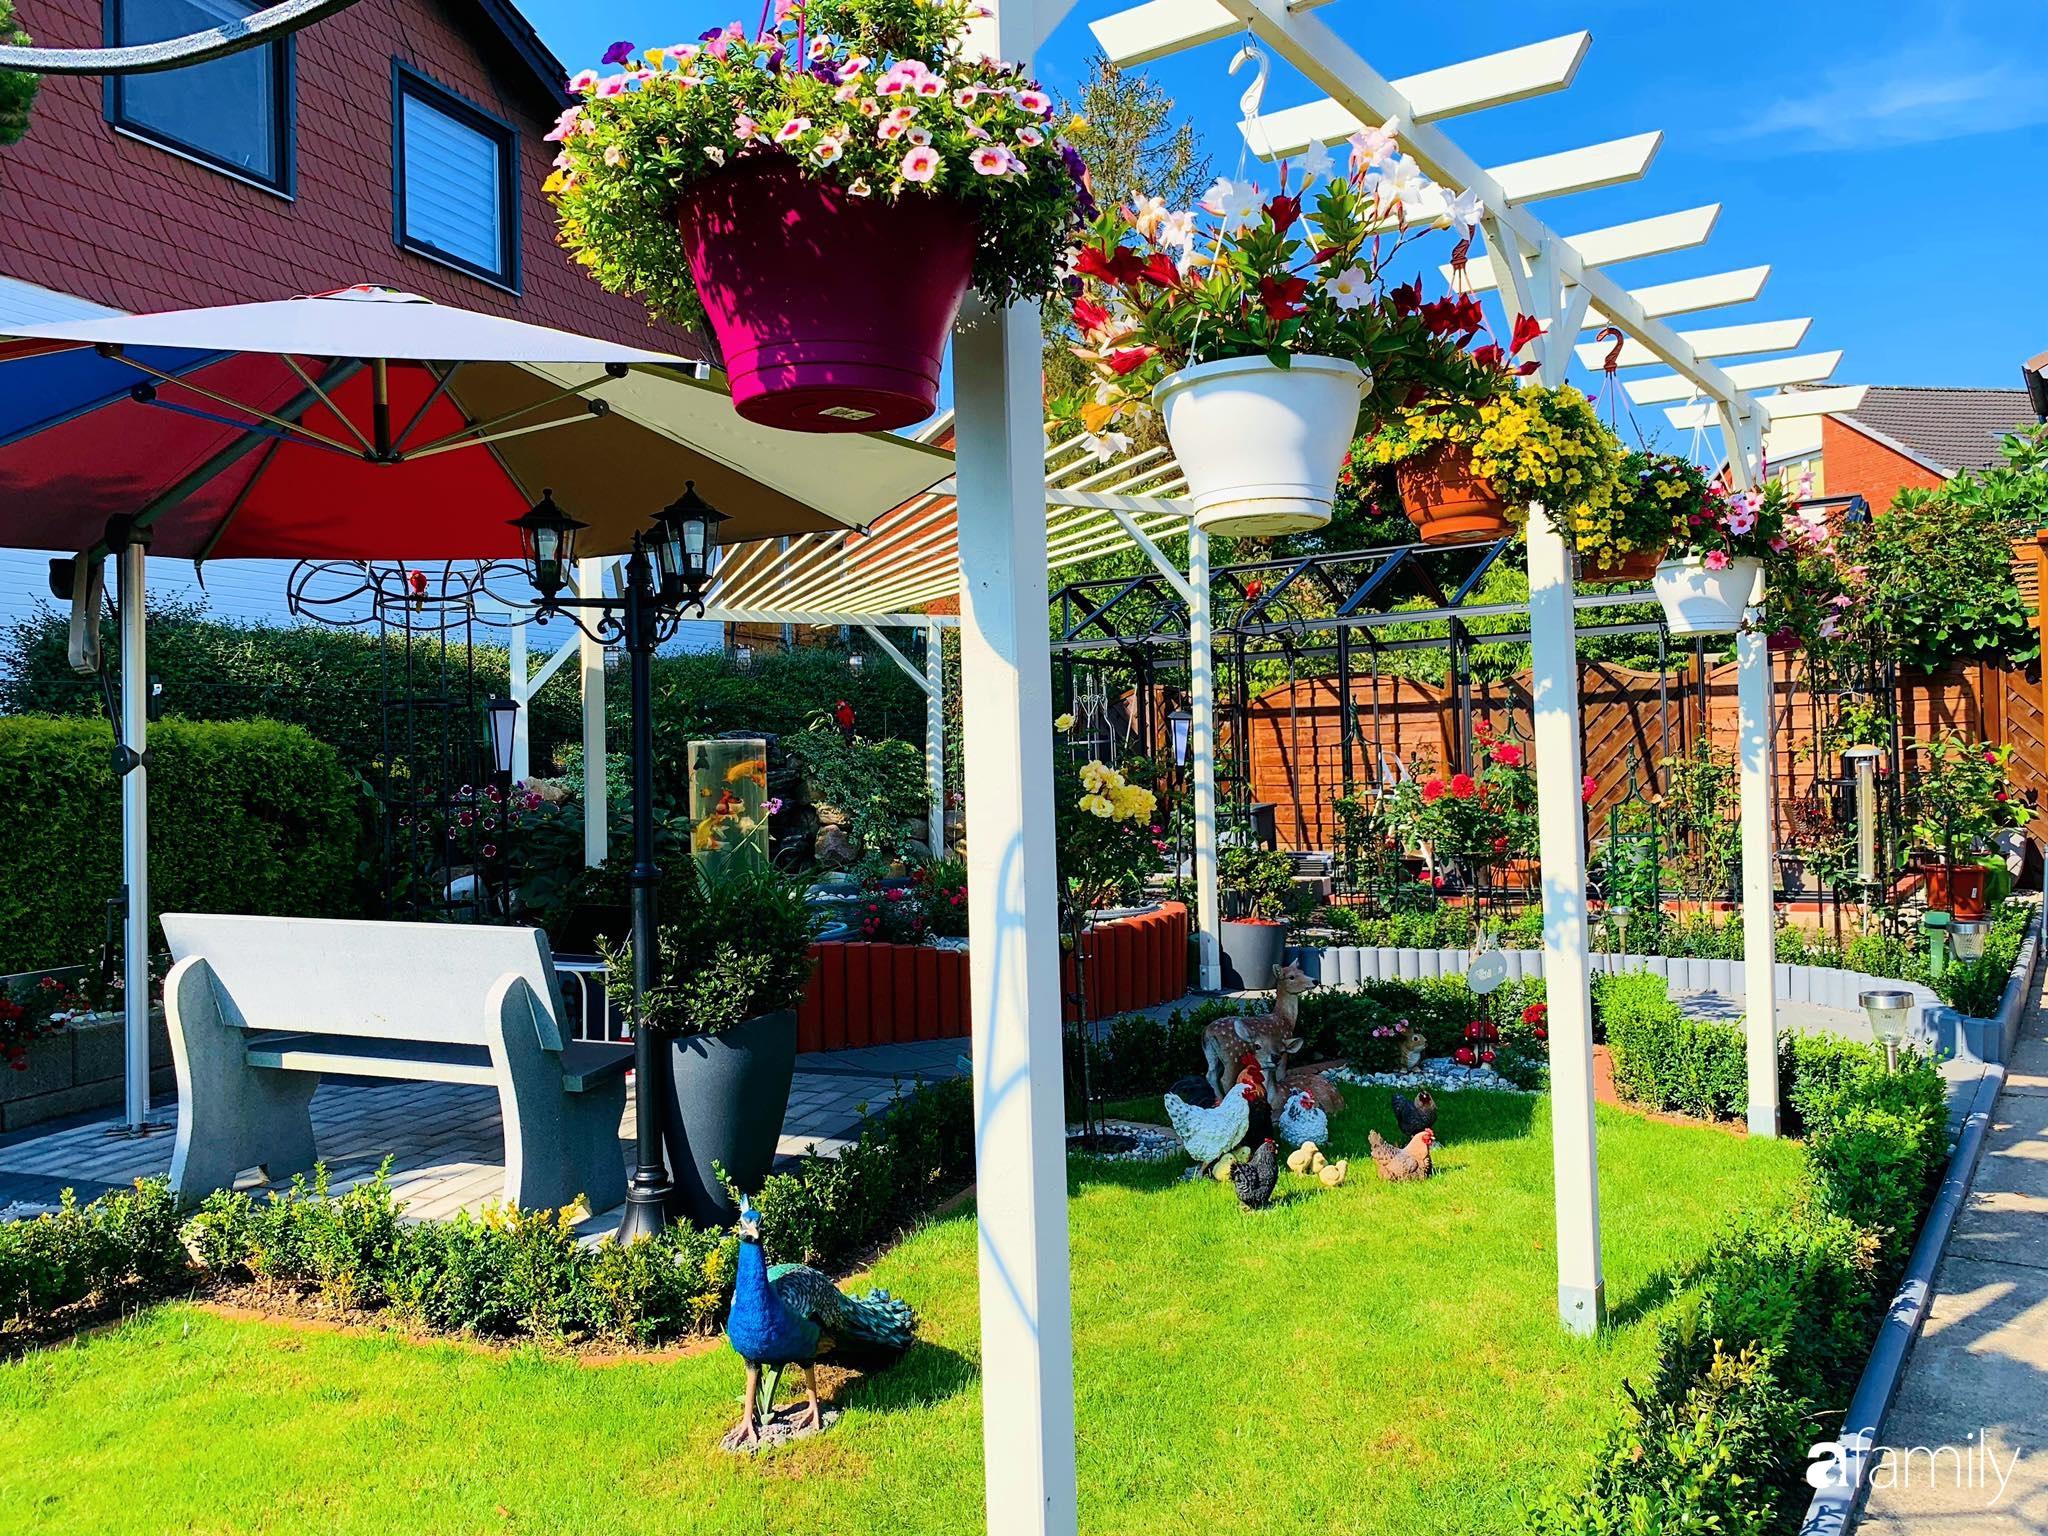 """Vườn hoa 500m² đẹp như cổ tích được tạo bởi tình yêu thiên nhiên của cặp vợ chồng dành cả """"thanh xuân"""" để trồng cây - Ảnh 3."""